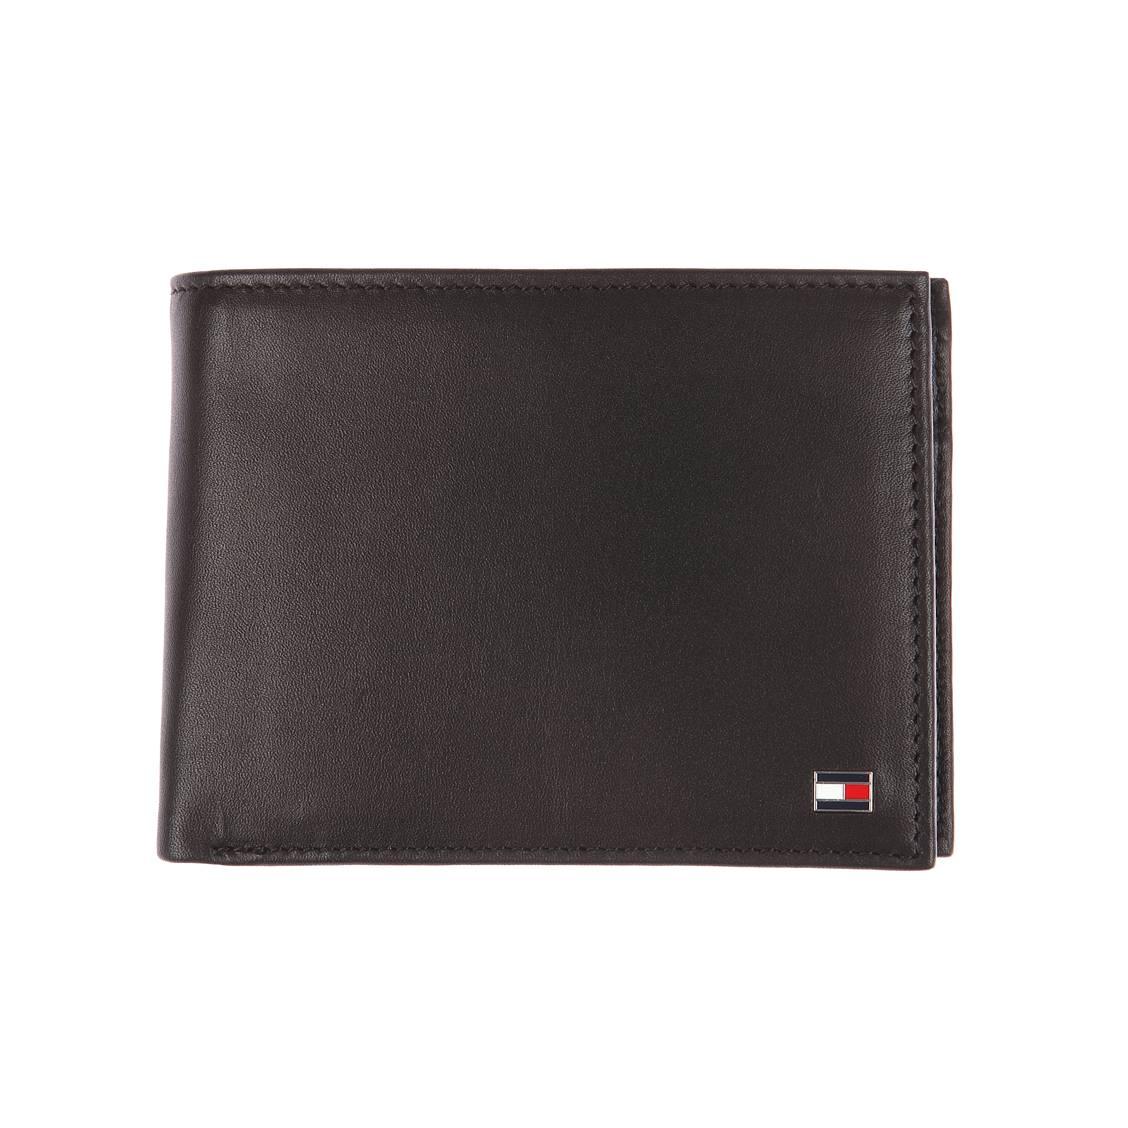 Portefeuille italien Johnson Tommy Hilfiger en cuir grainé noir à porte-monnaie Qd3hA1ERO